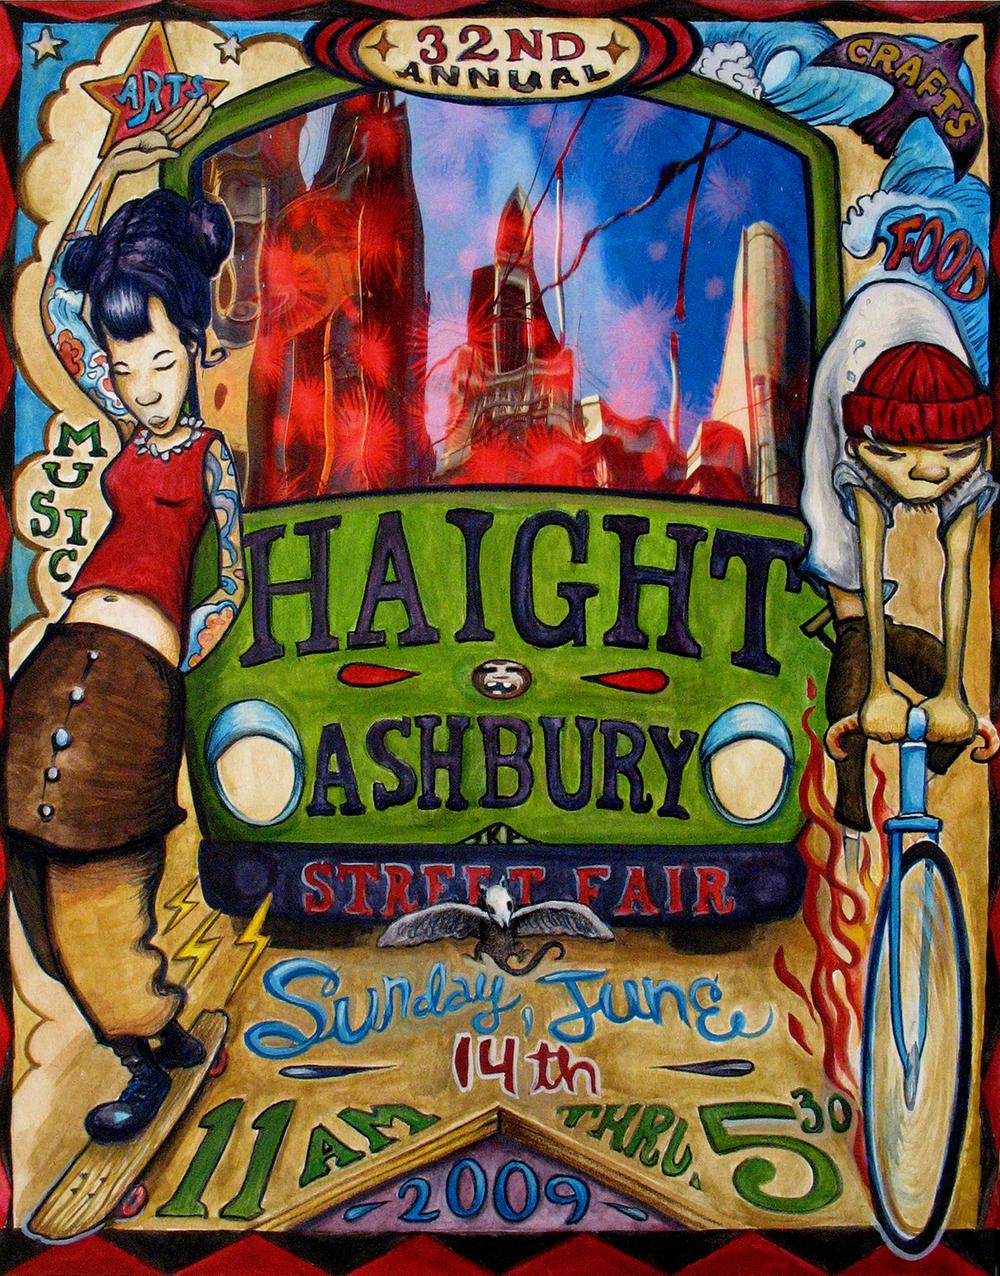 Haight Ashbury Street Fair - poster entry